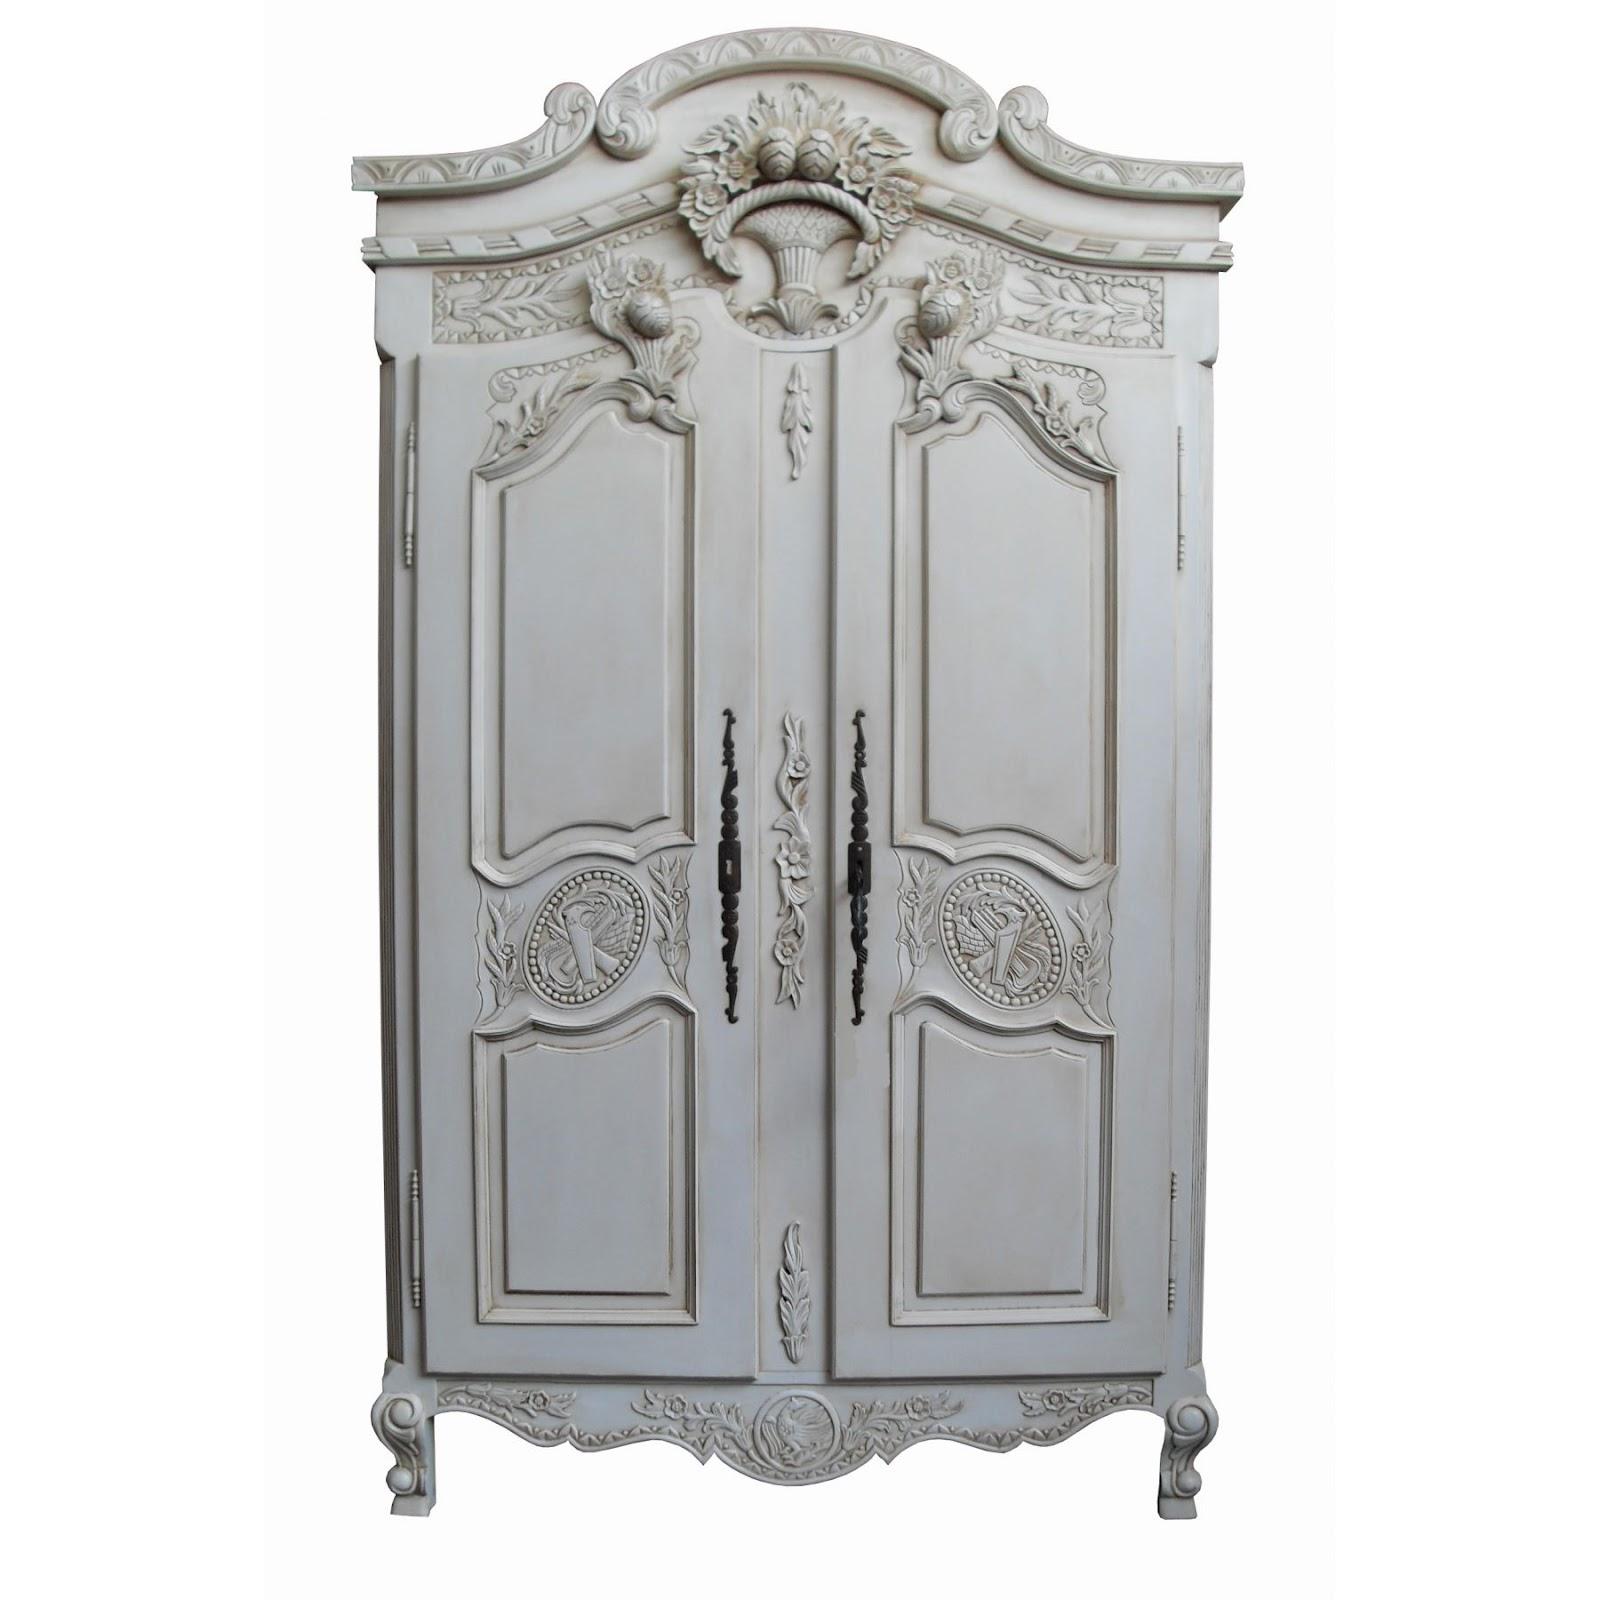 size 10 closet. Black Bedroom Furniture Sets. Home Design Ideas